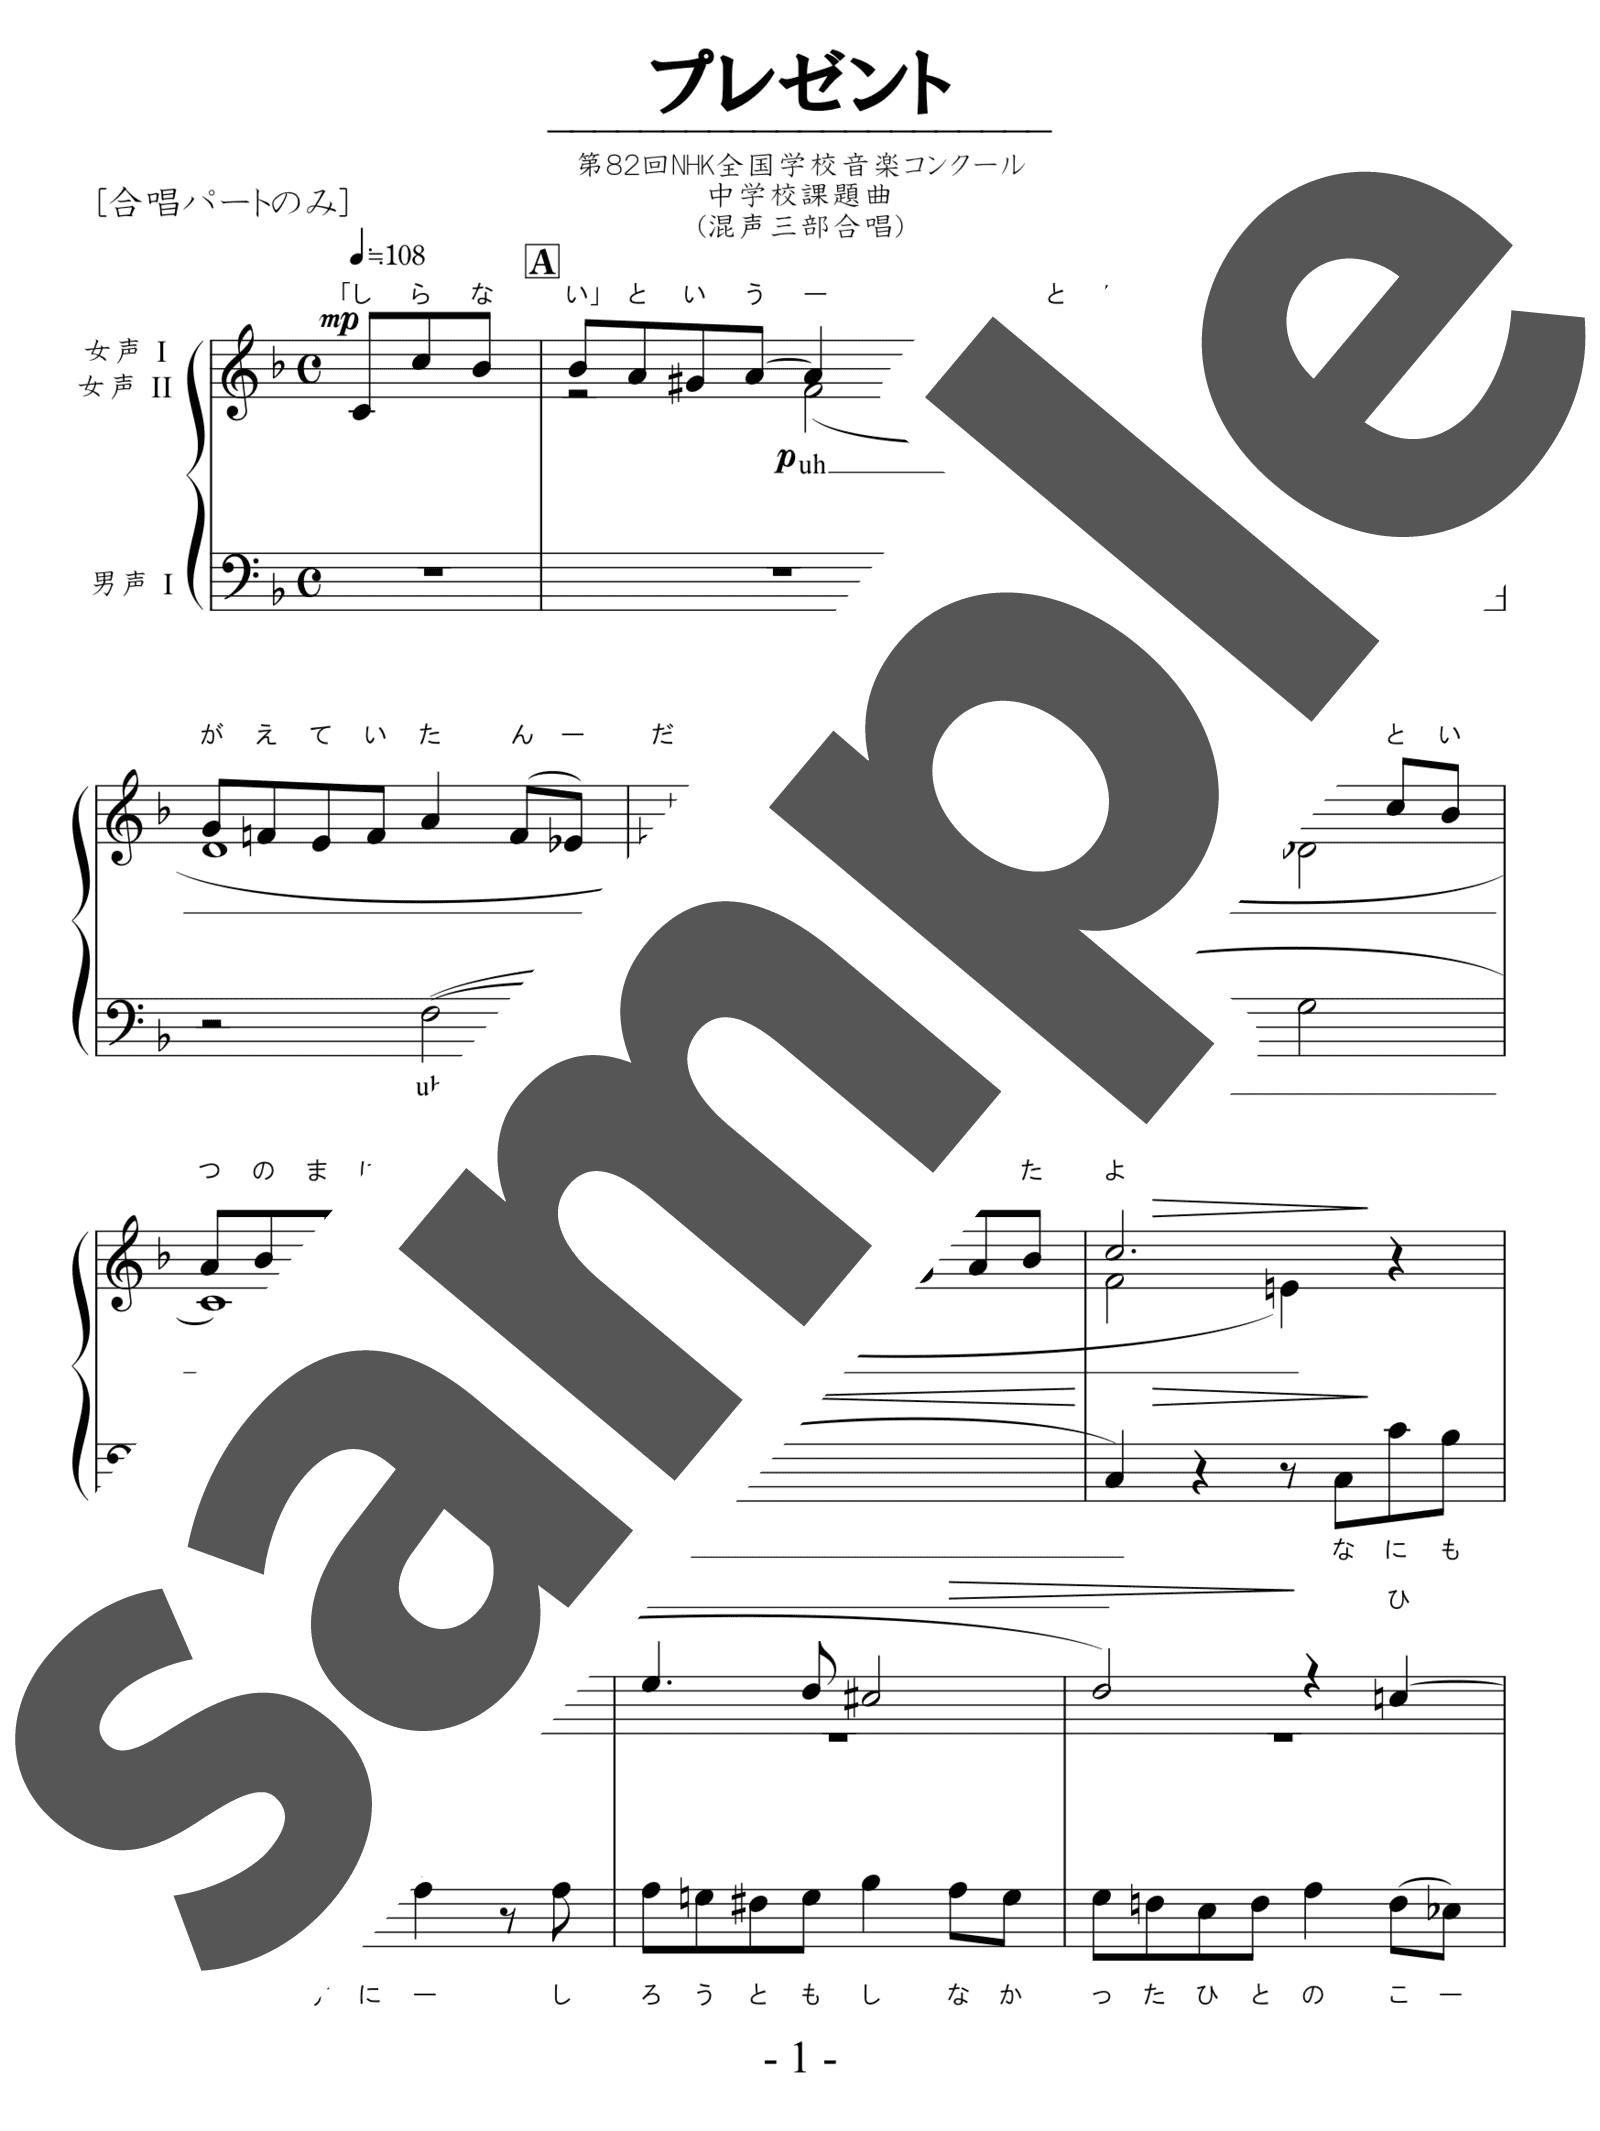 「プレゼント」のサンプル楽譜